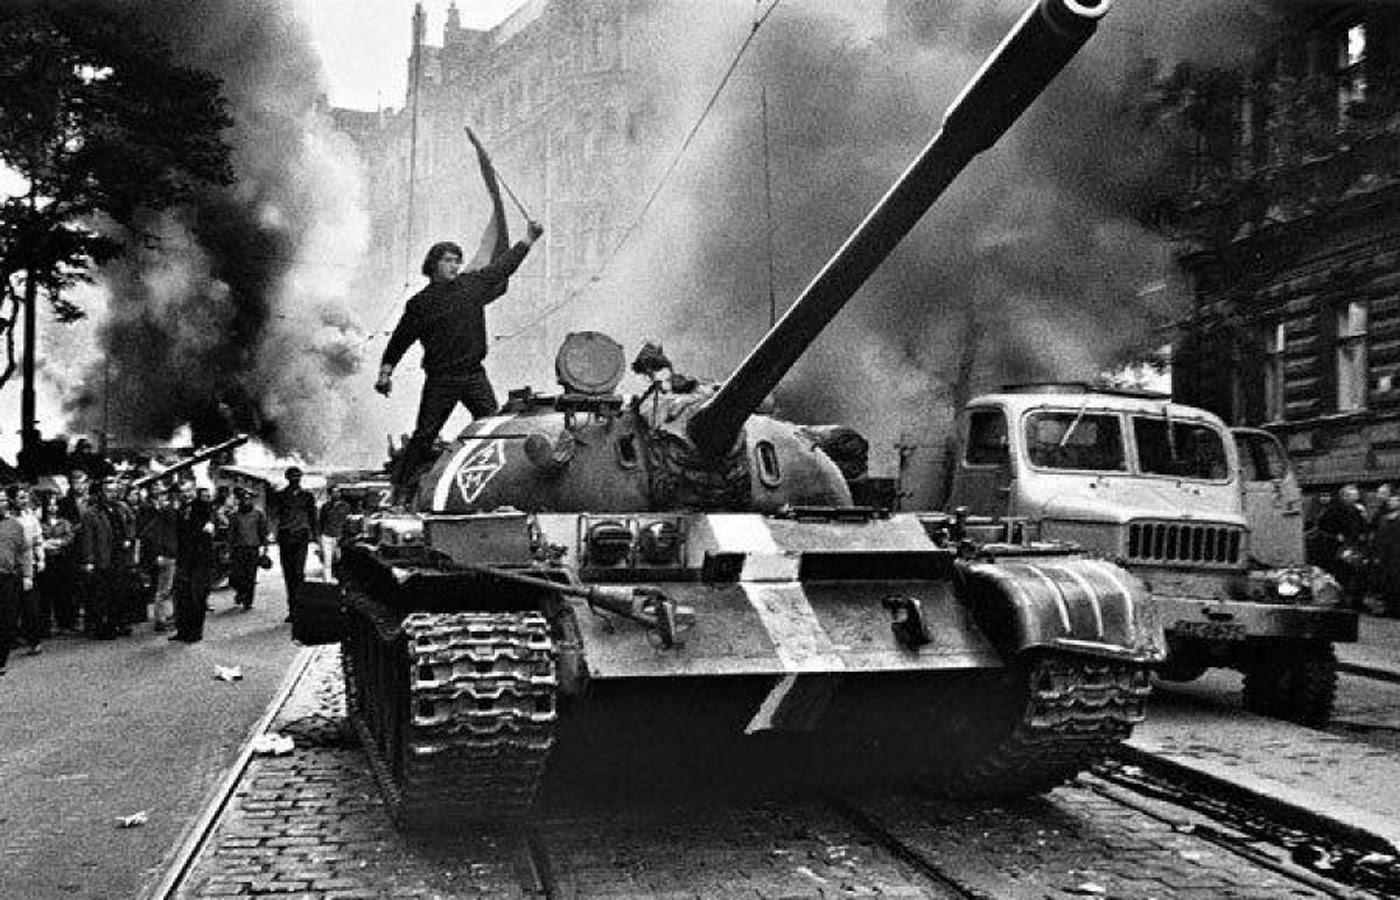 ano-1968-invasao-Praga-1